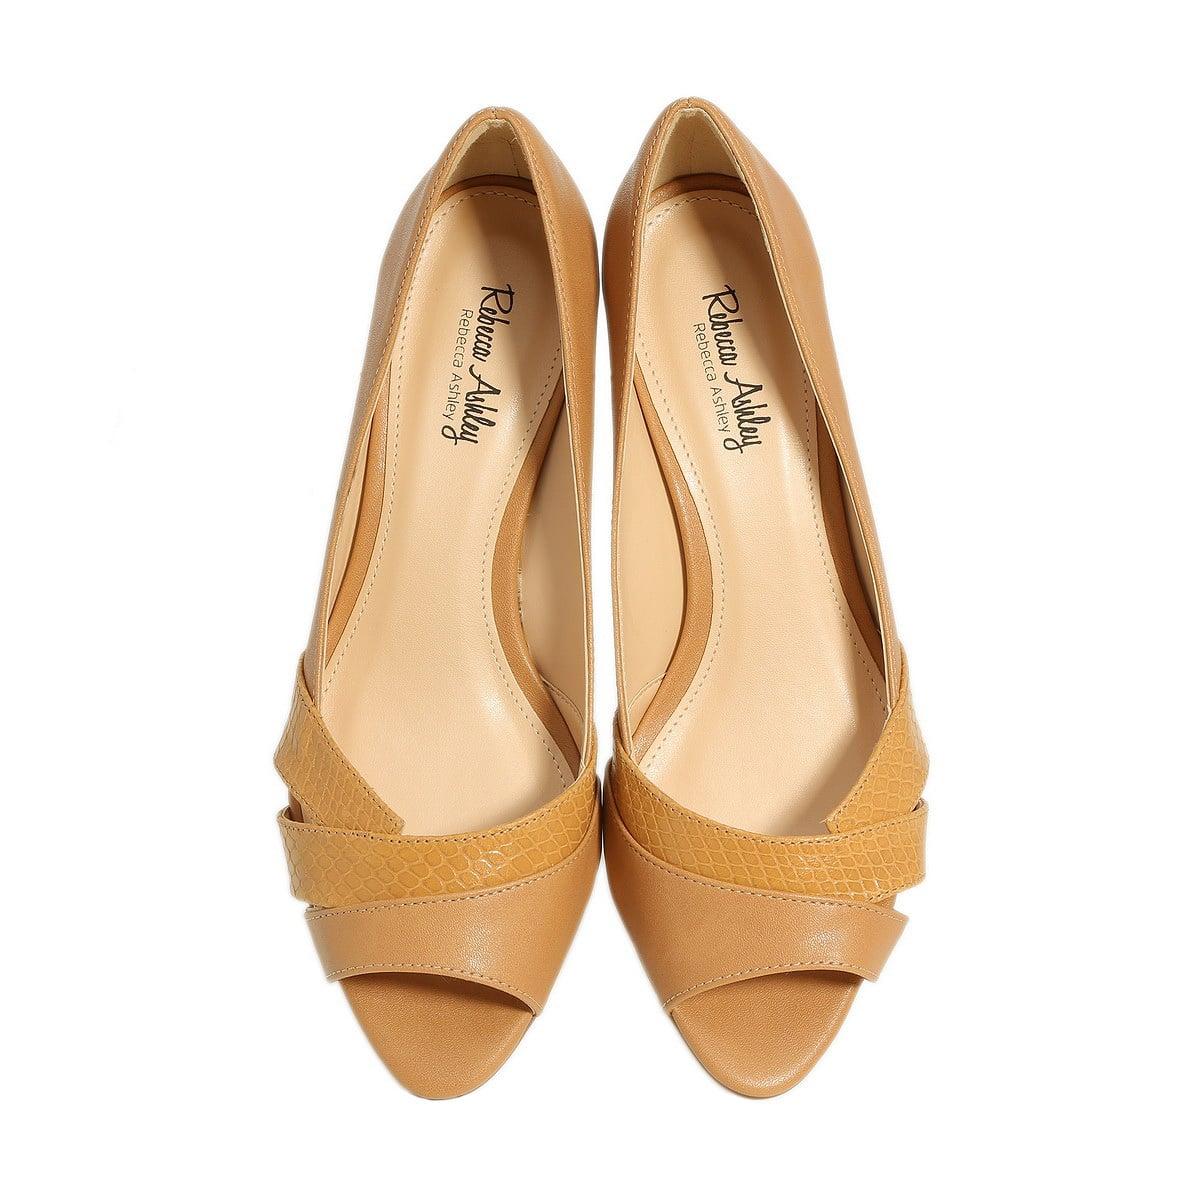 דגם עינת: נעלי עקב בצבע קאמל